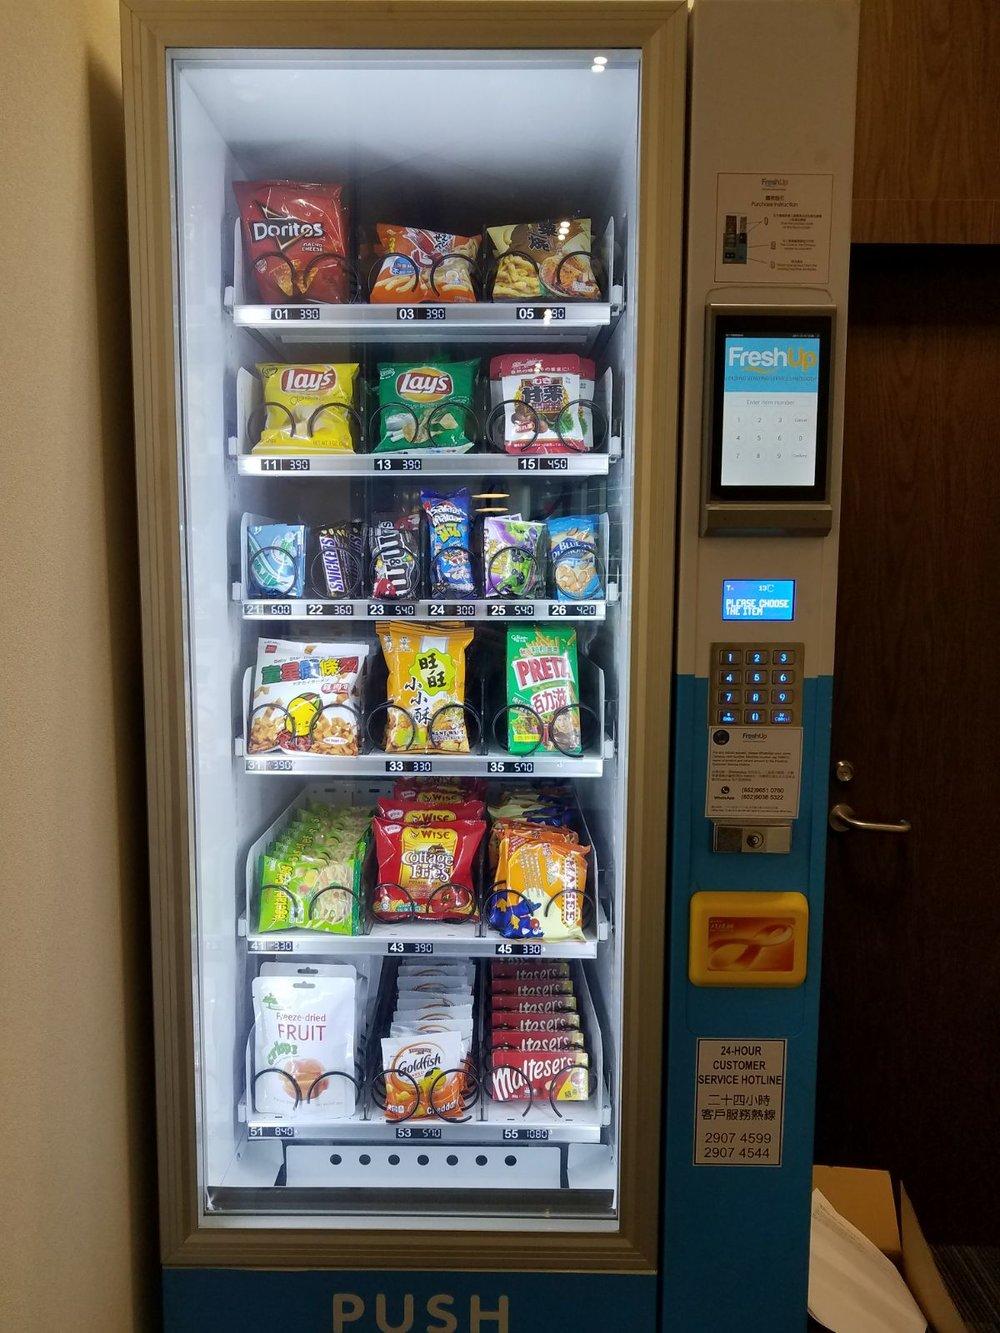 FreshUp,自動售賣機,自動販賣機,零食,飲品,方便,快捷,智能,仲量聯行,屋苑,寫字樓